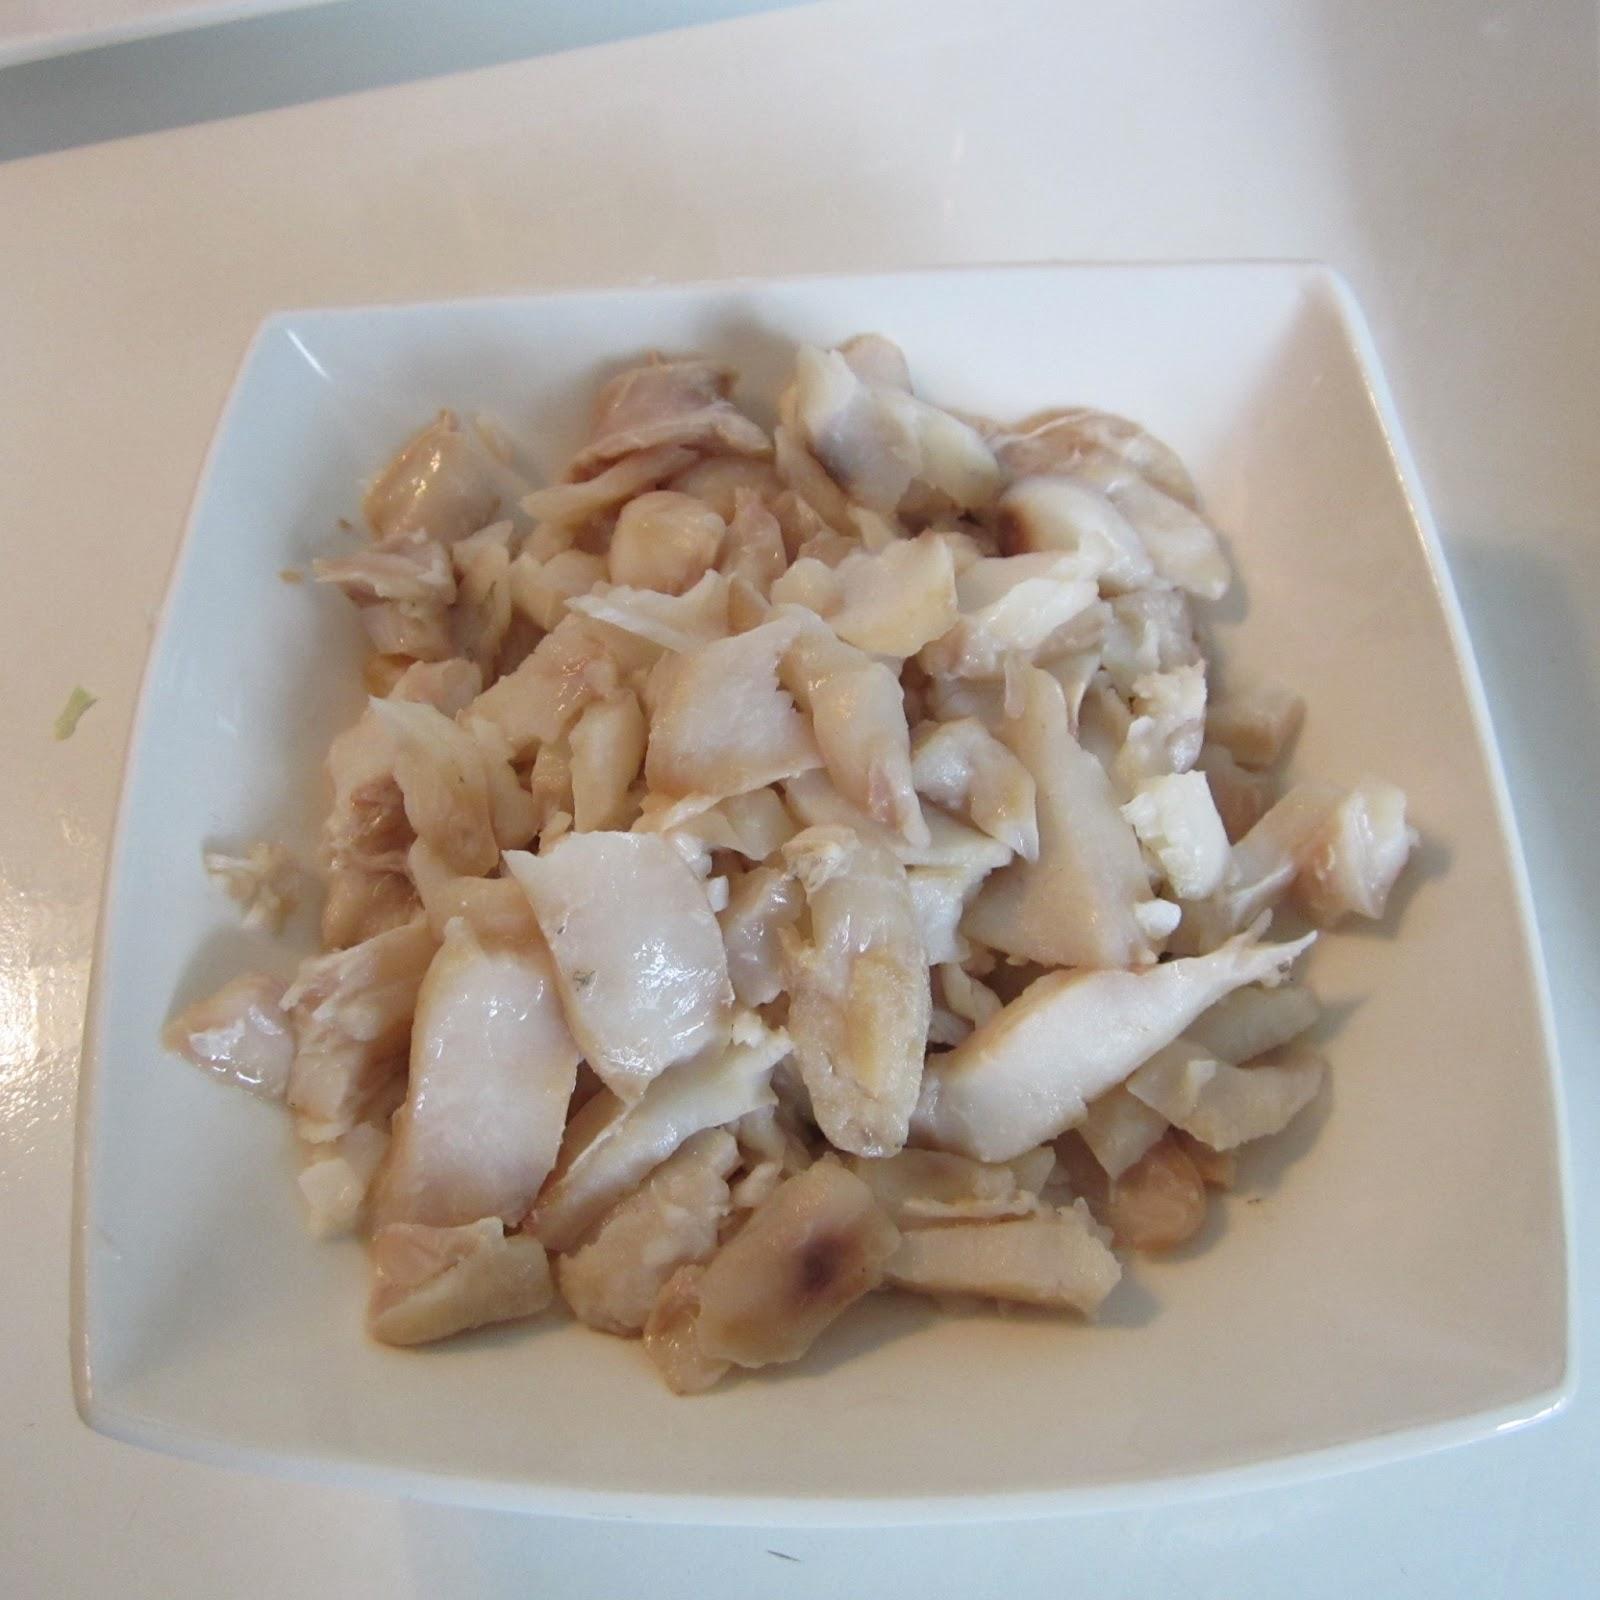 Las recetas de la nena porrusalda a mi estilo - Cocinar bacalao desalado ...